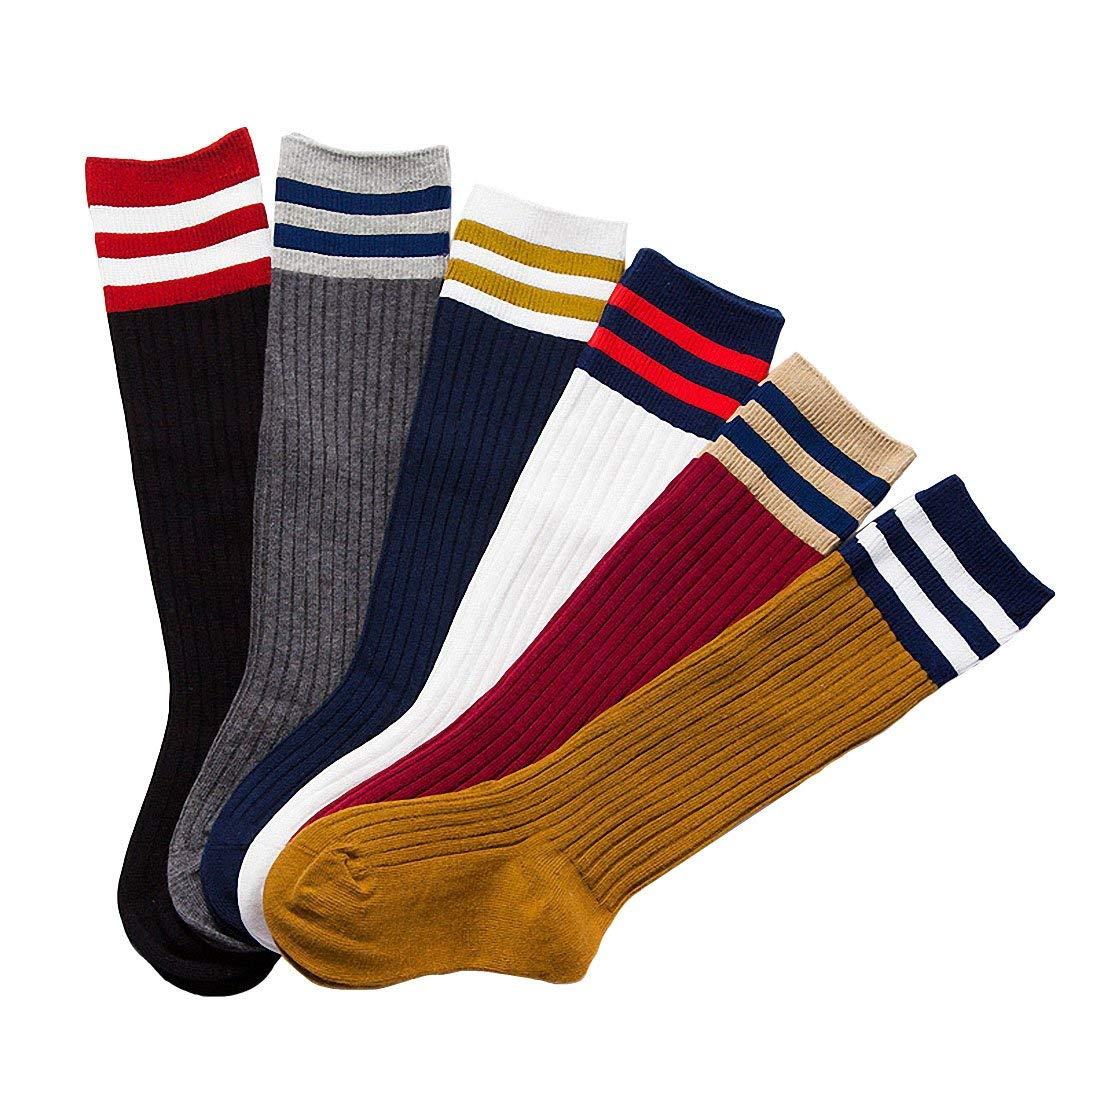 6 Pack Baby Girls Boys Toddler Kids Cotton Striped Knee High Stockings Tube Football Socks